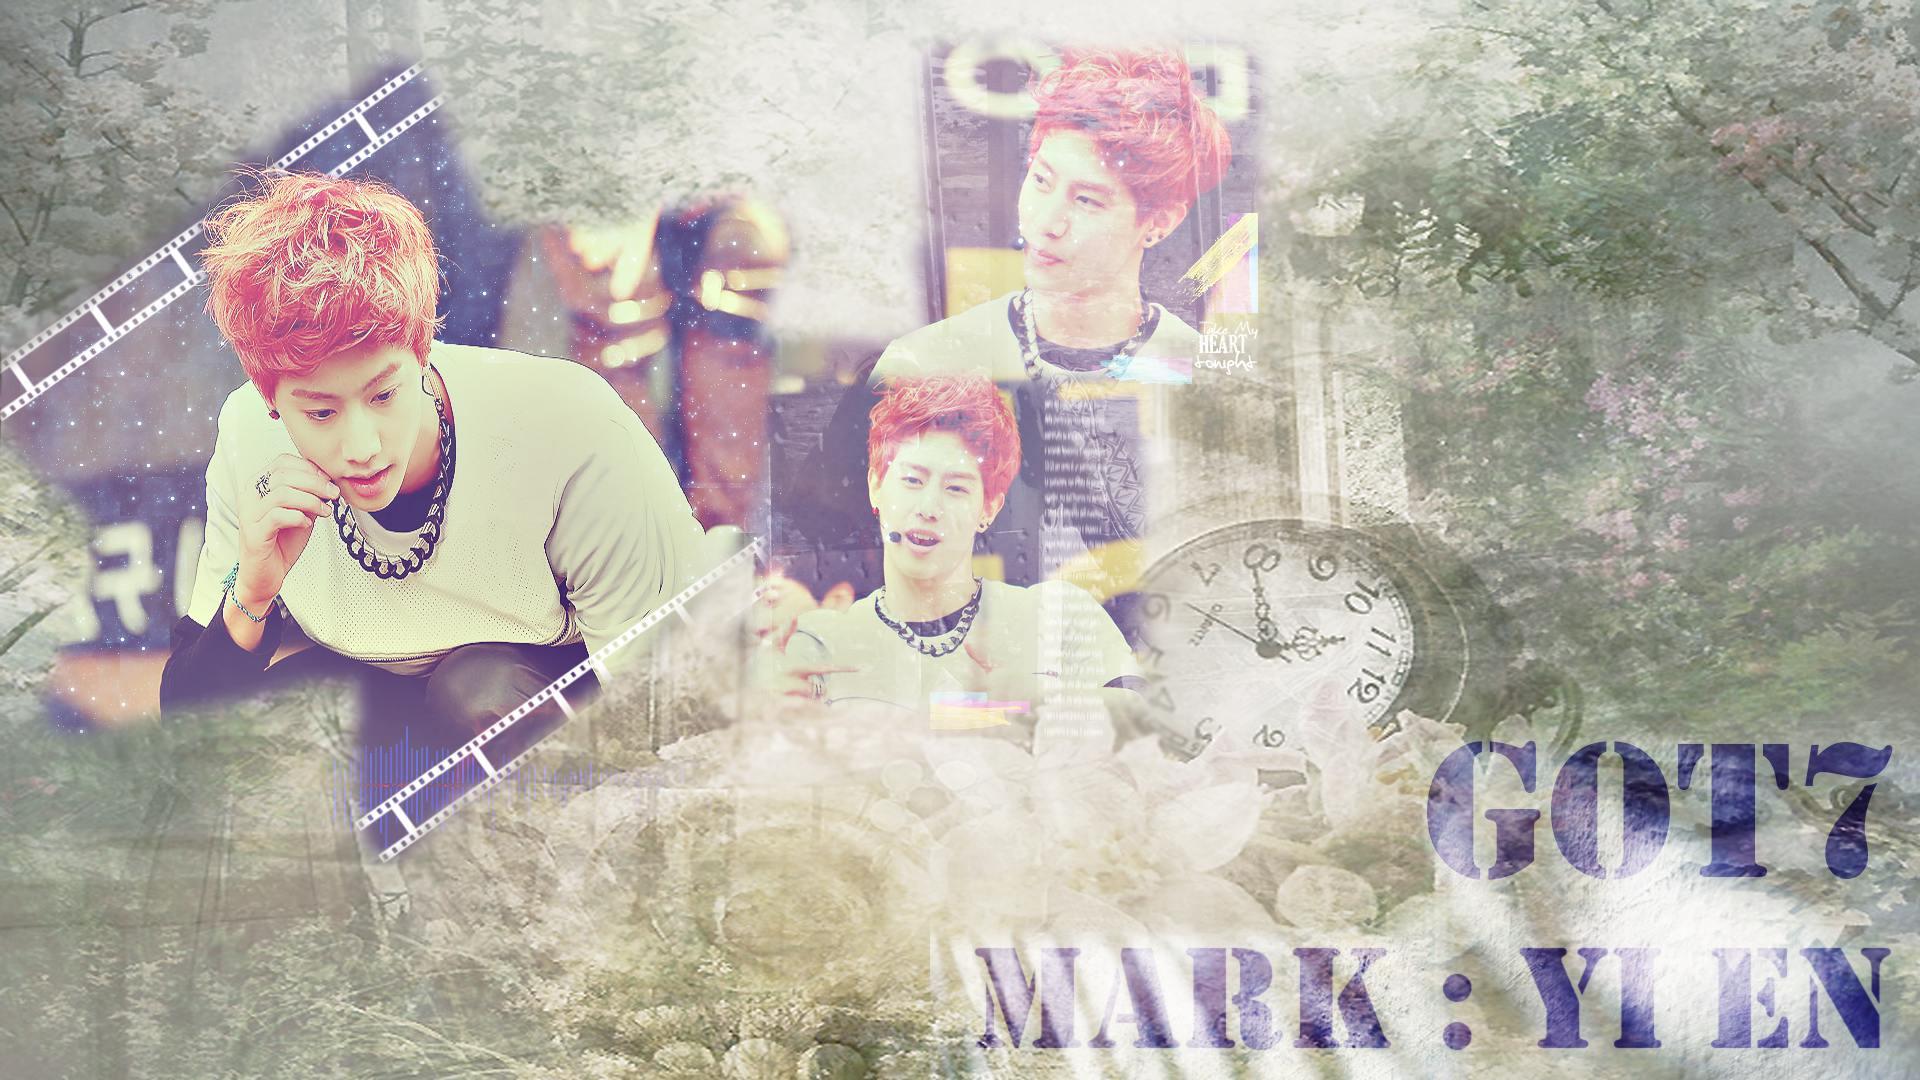 GOT7 : MARK YI EN Wallpaper by nam_inhyoung